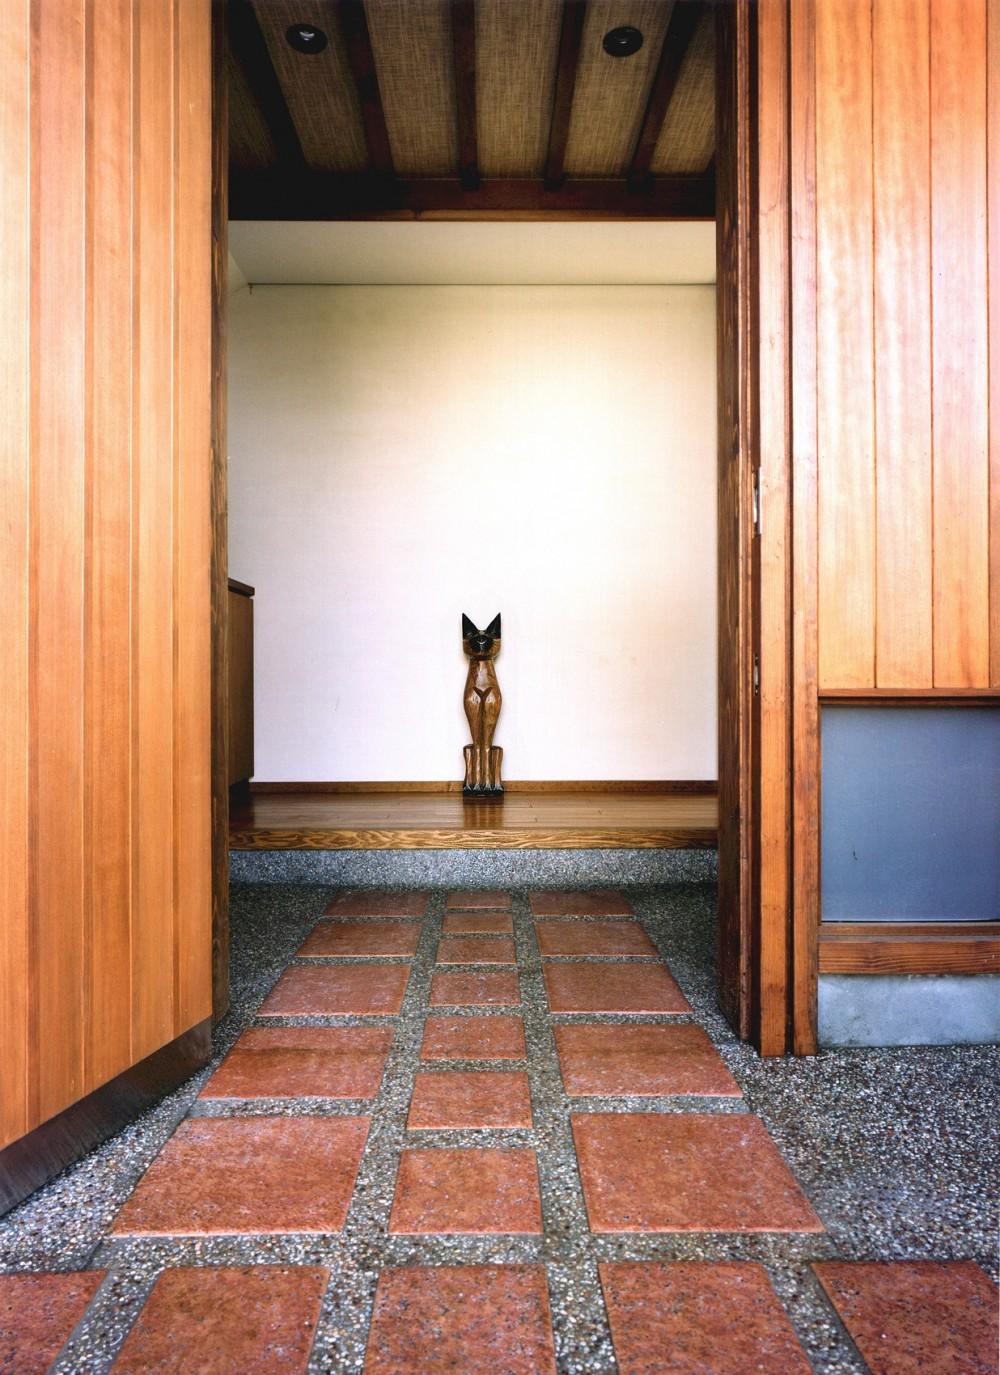 仕事場のある住まい|あなたの場所・自分の居場所を創る|大切な本の傍で至福の時を過ごす (玄関と招き猫)